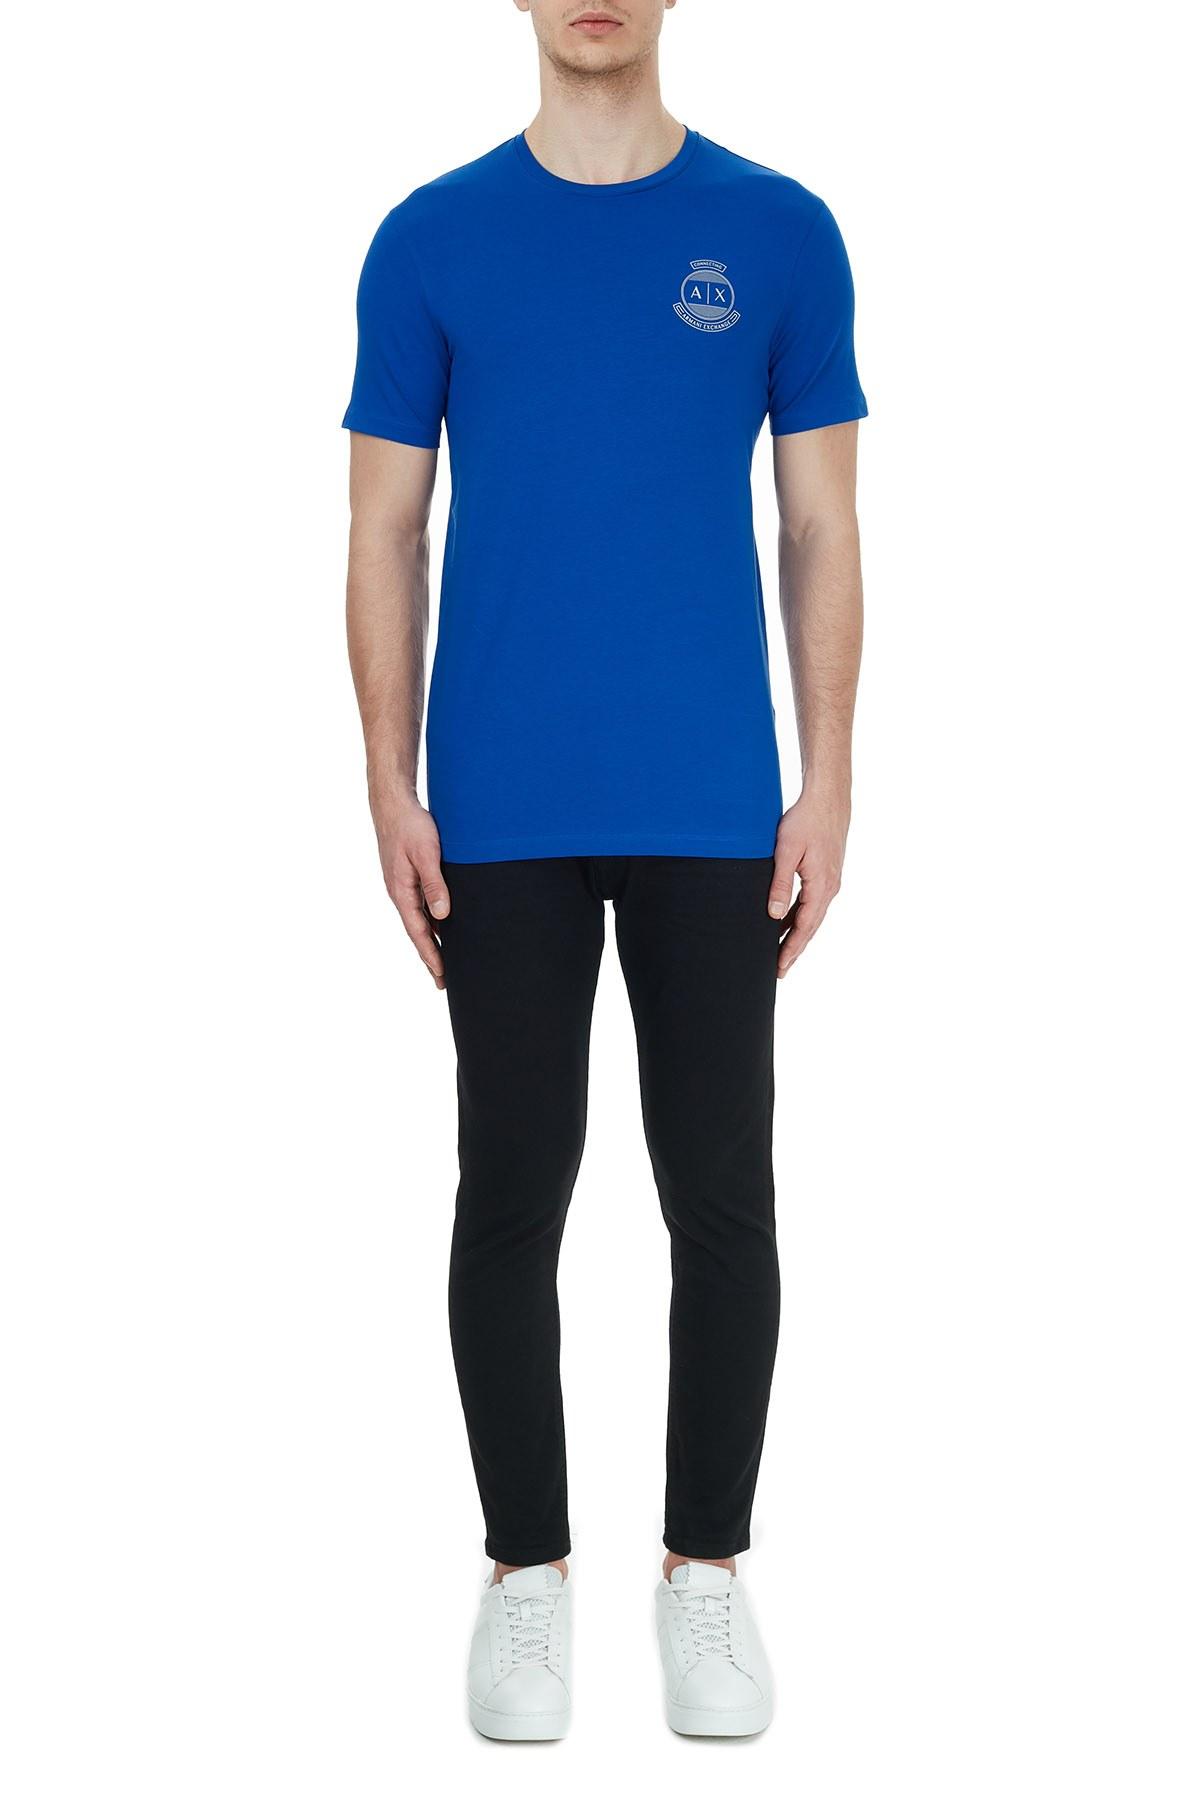 Armani Exchange Pamuklu Bisiklet Yaka Erkek T Shirt 6HZTFL ZJE6Z 1506 SAKS